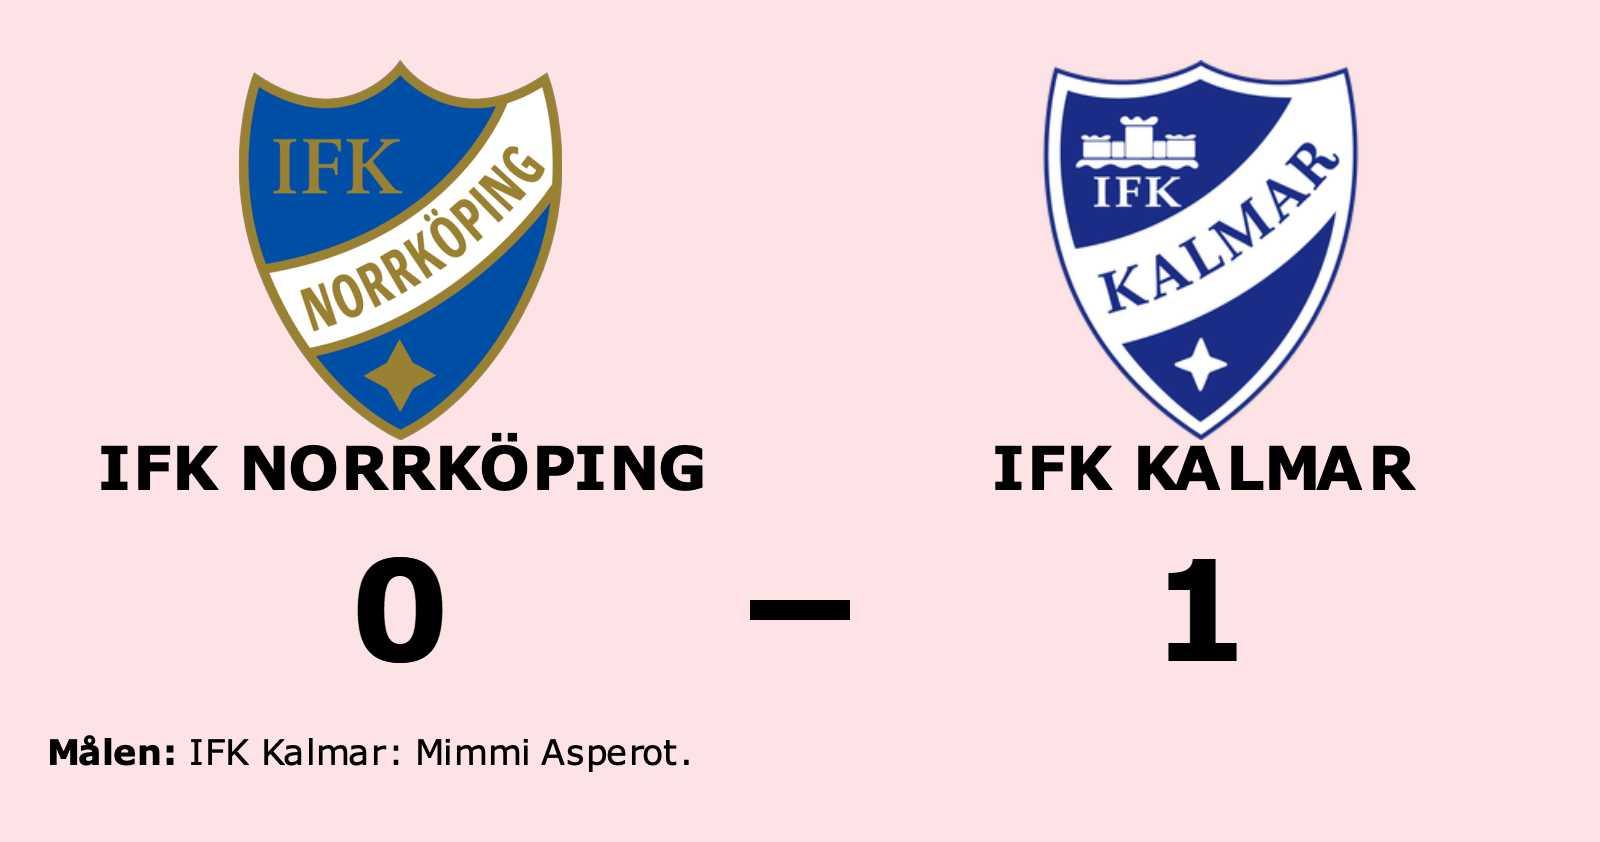 IFK Norrköping förlorade hemma mot IFK Kalmar